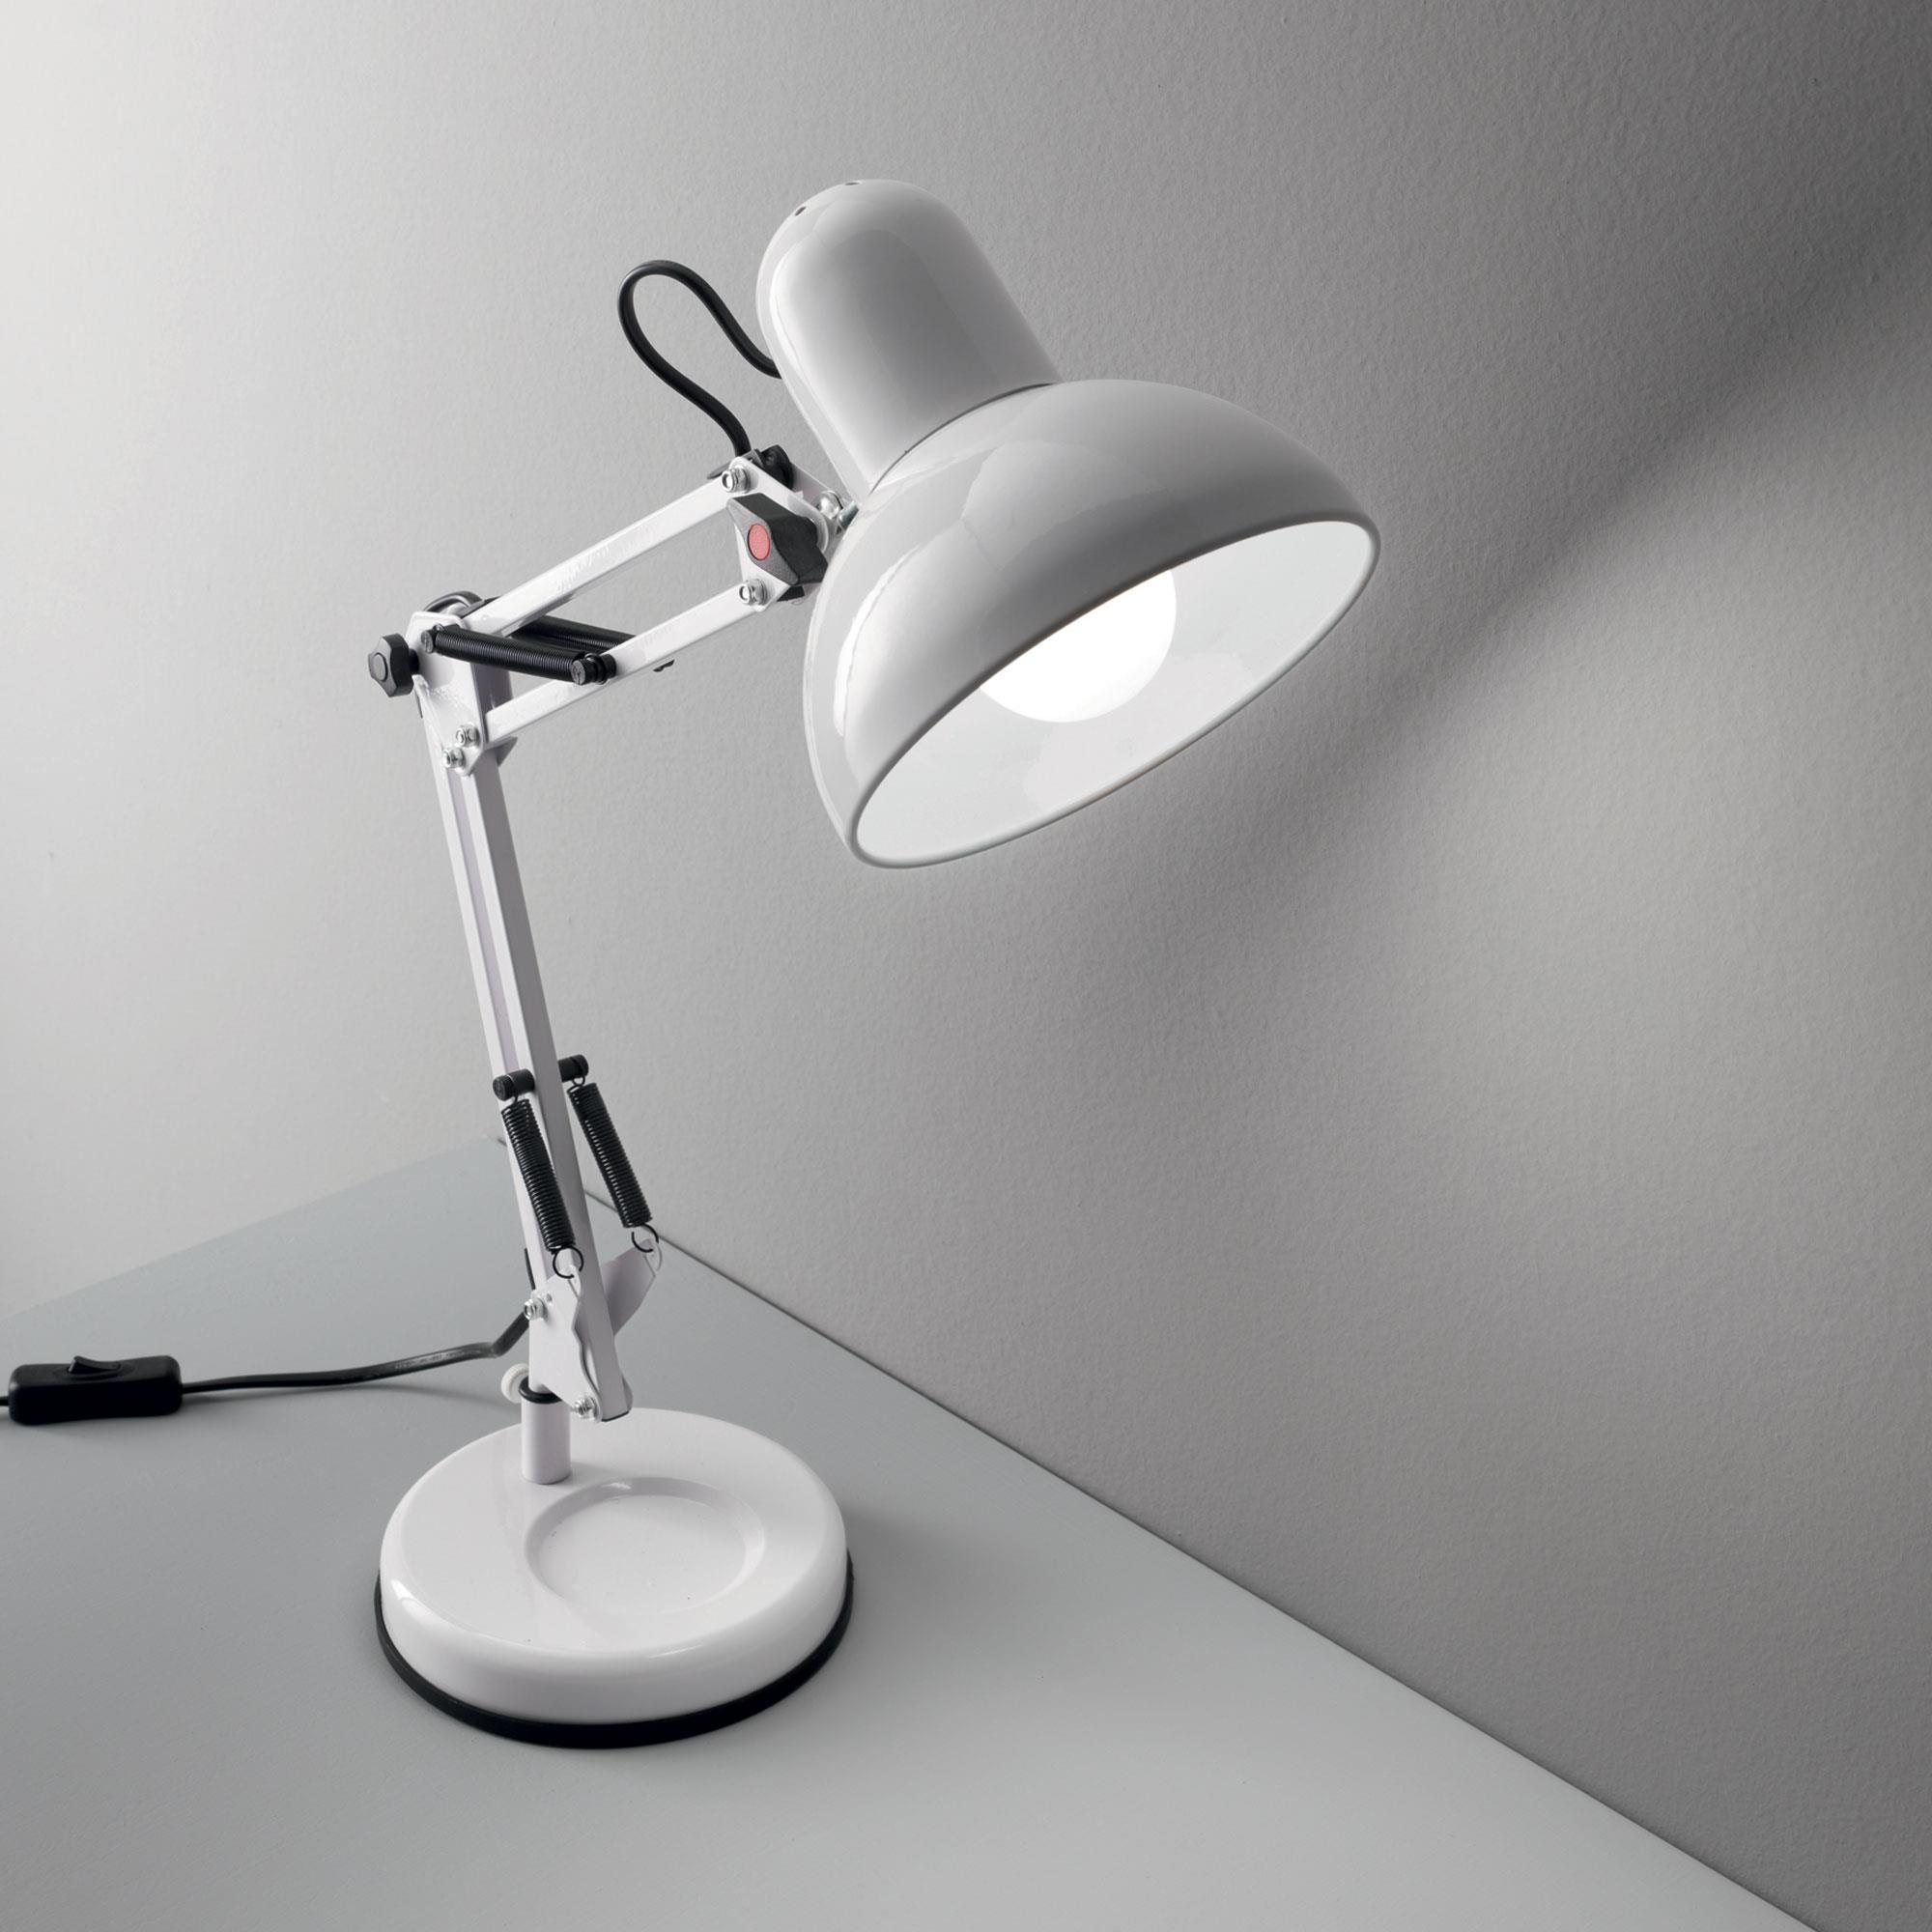 Ideal Lux 108117 Kelly TL1 Bianco asztali olvasó lámpa